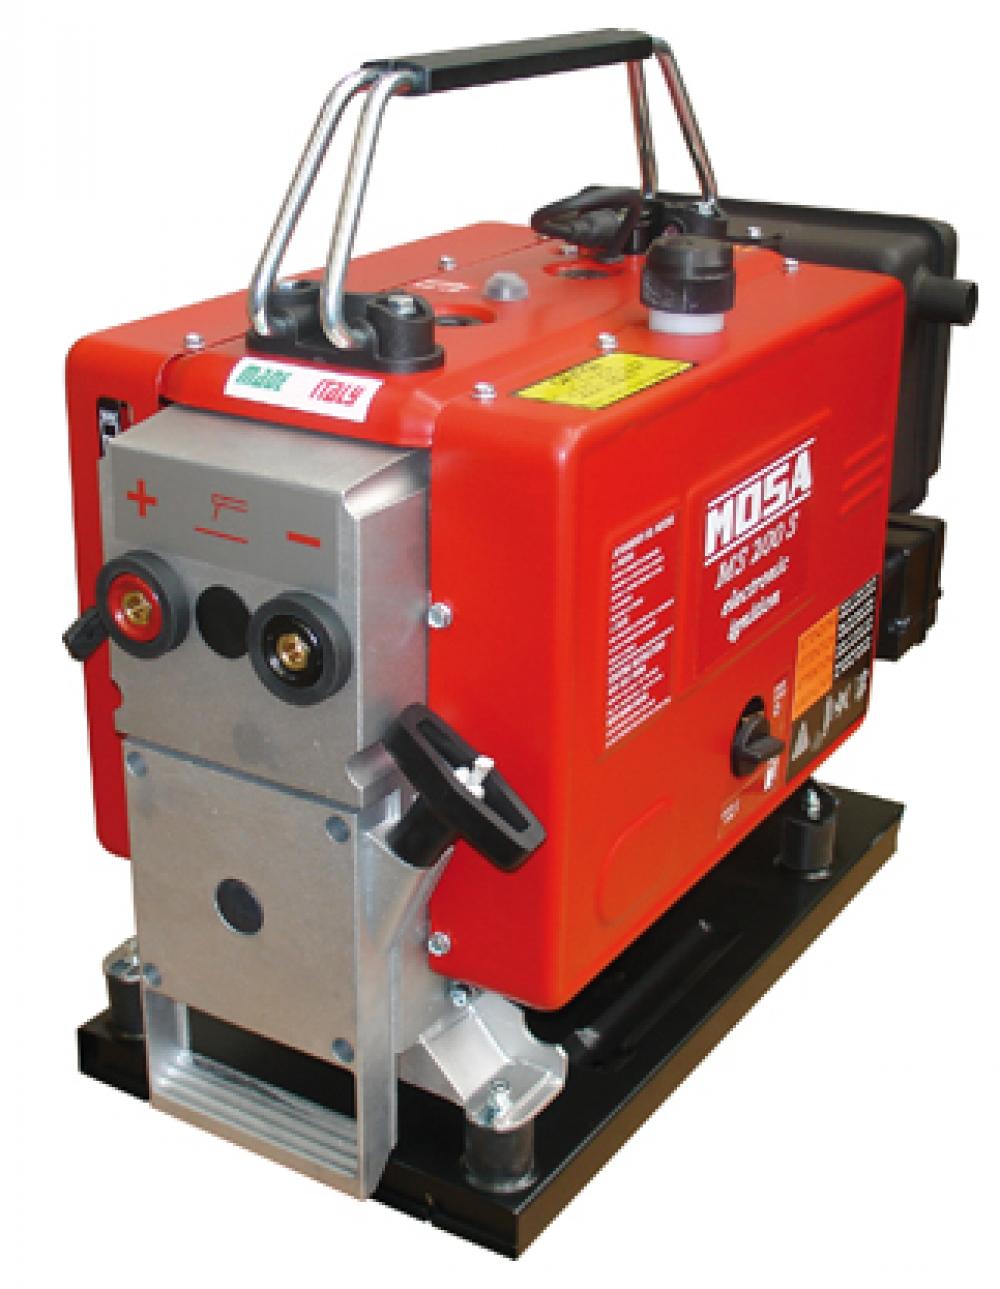 Mosa MS 200 S